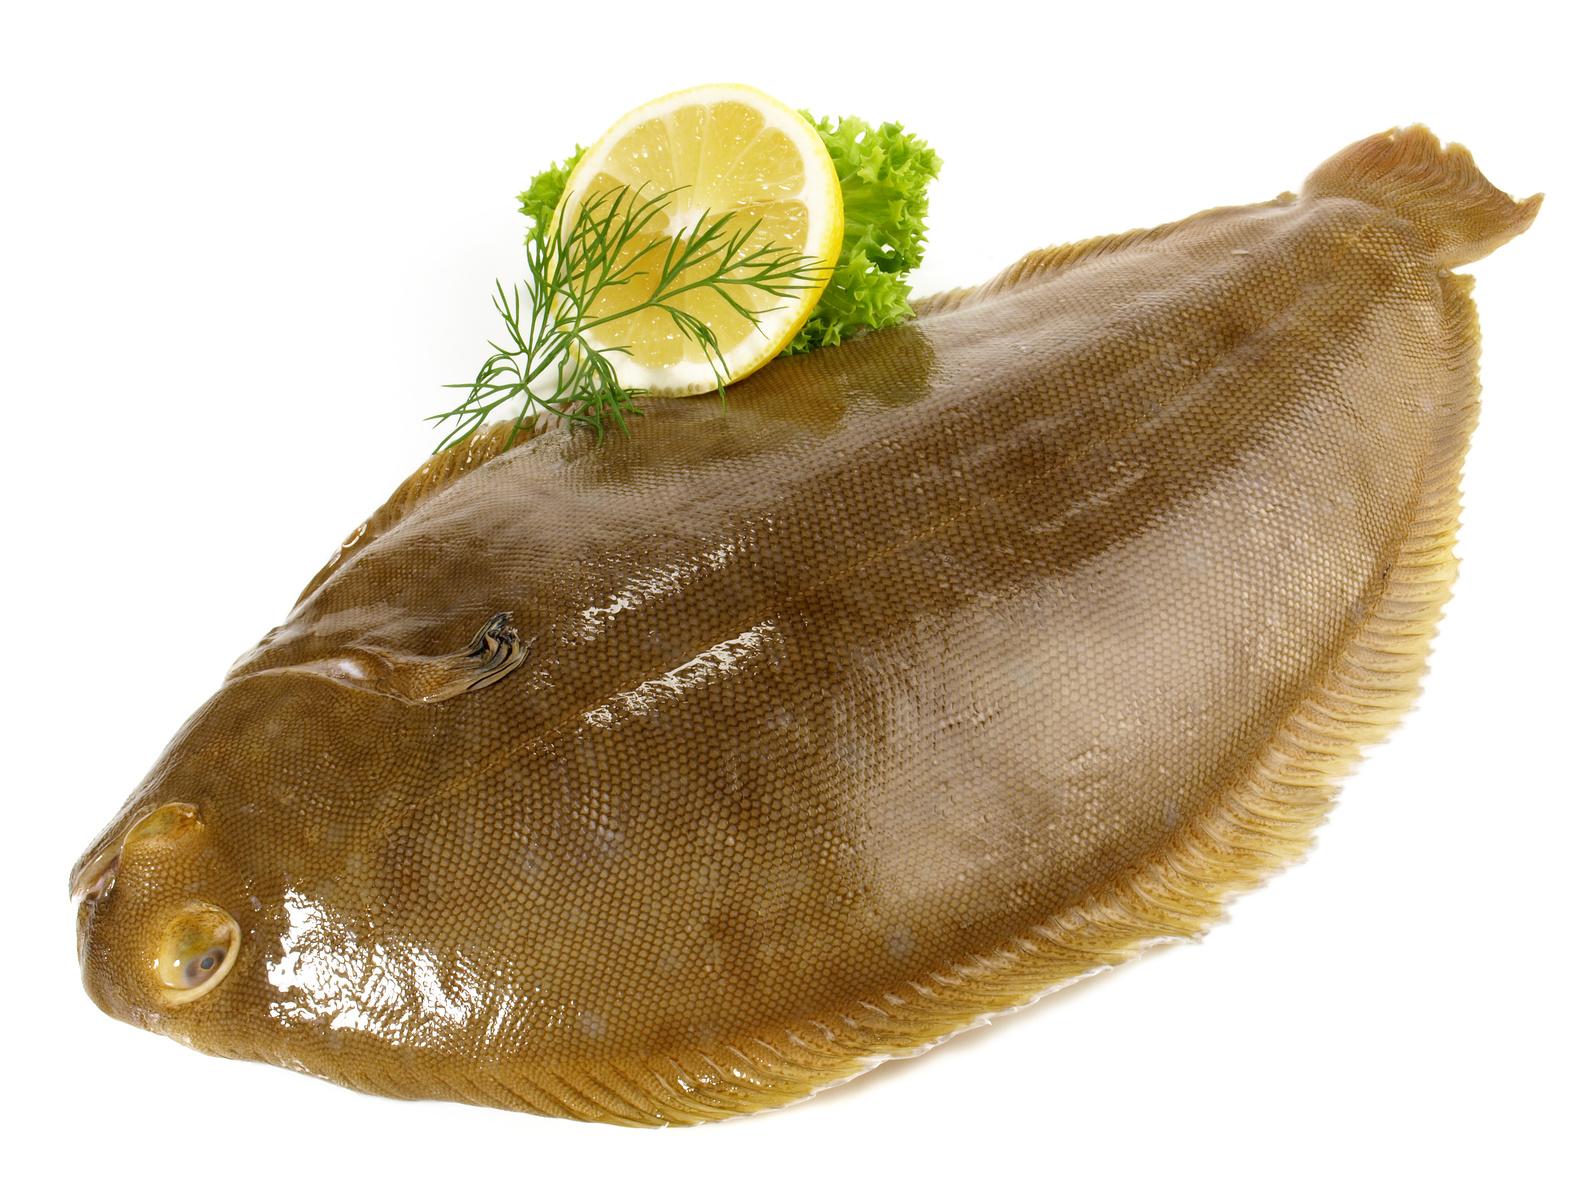 sole de la mer du nord poisson nutrition recette santé